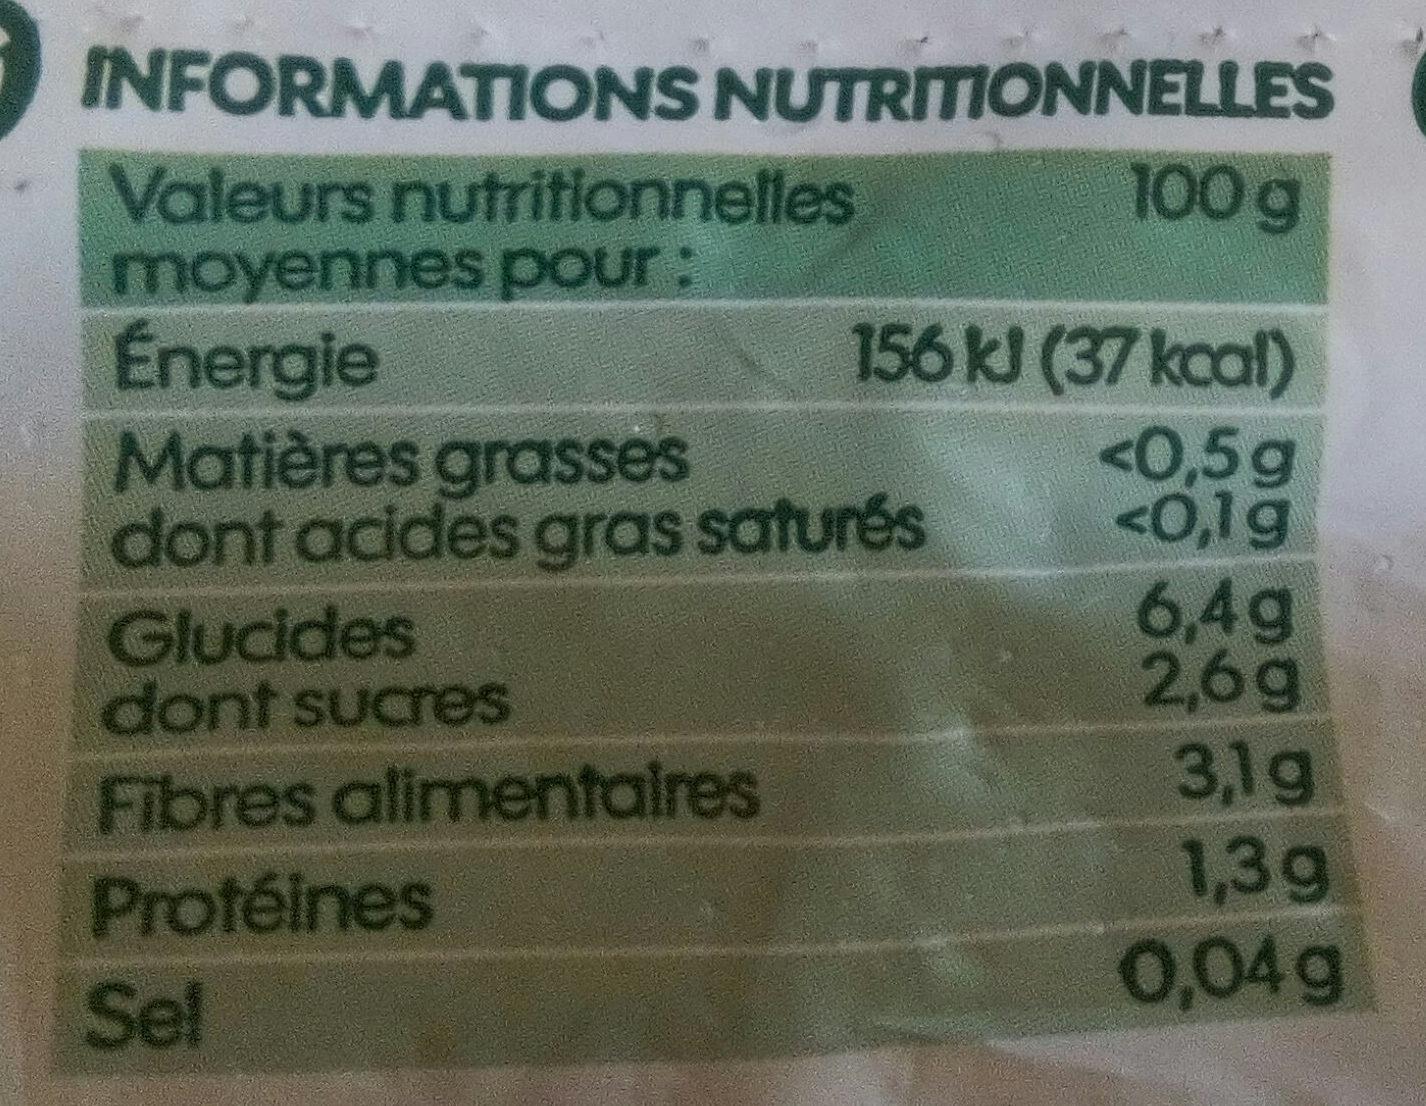 Légumes bio pour potage - Voedingswaarden - fr